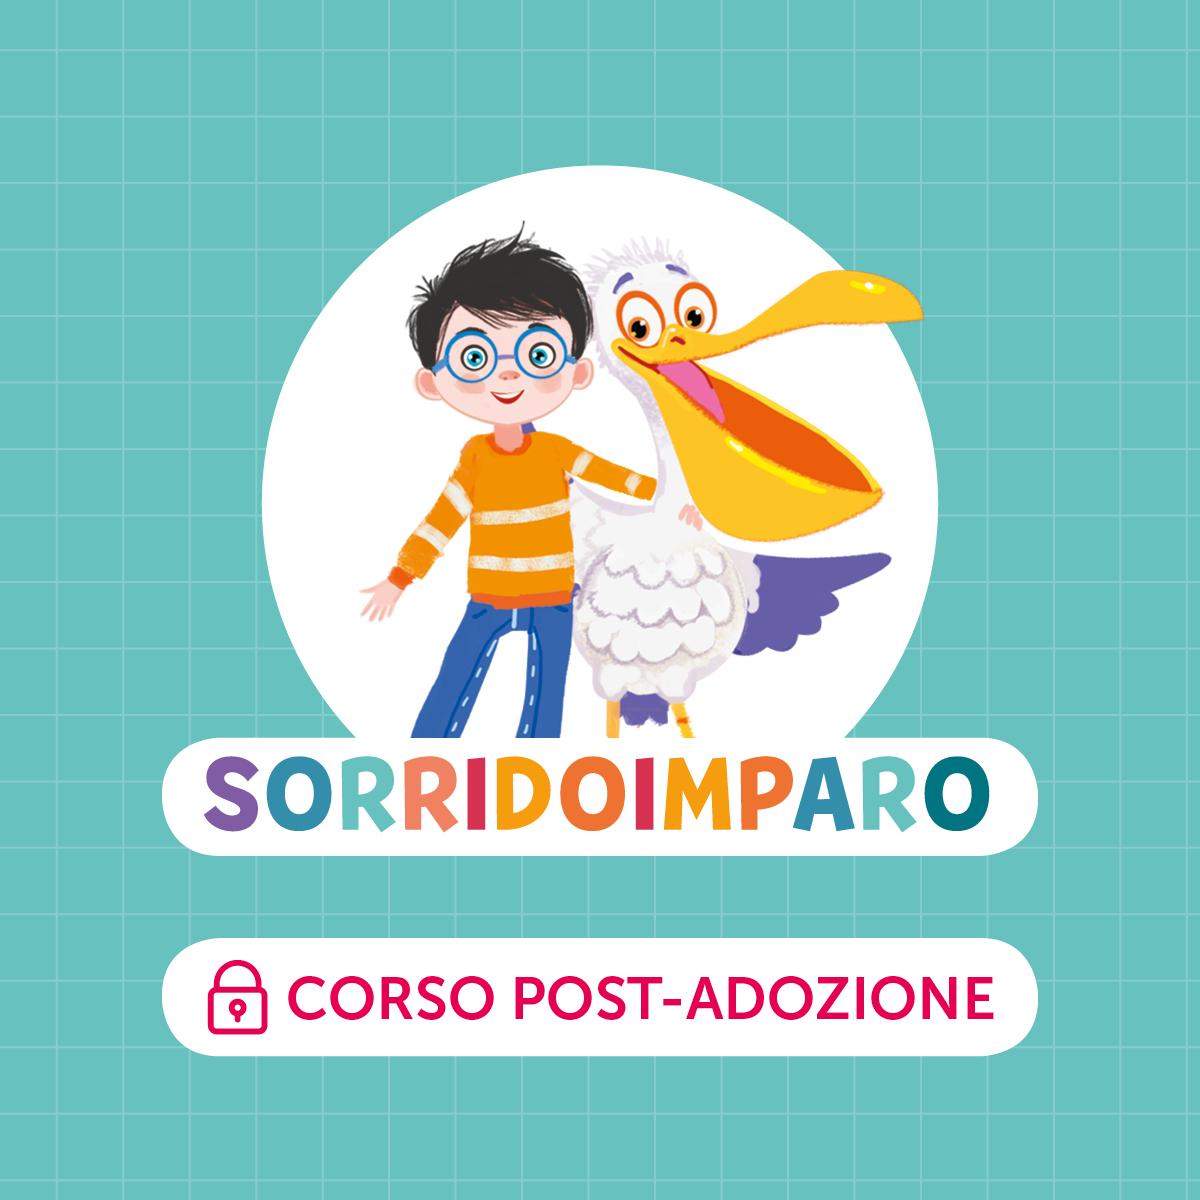 Impariamo a scrivere in corsivo – Modulo 2 | Daniela Lucangeli, gruppo di ricerca Sorridoimparo